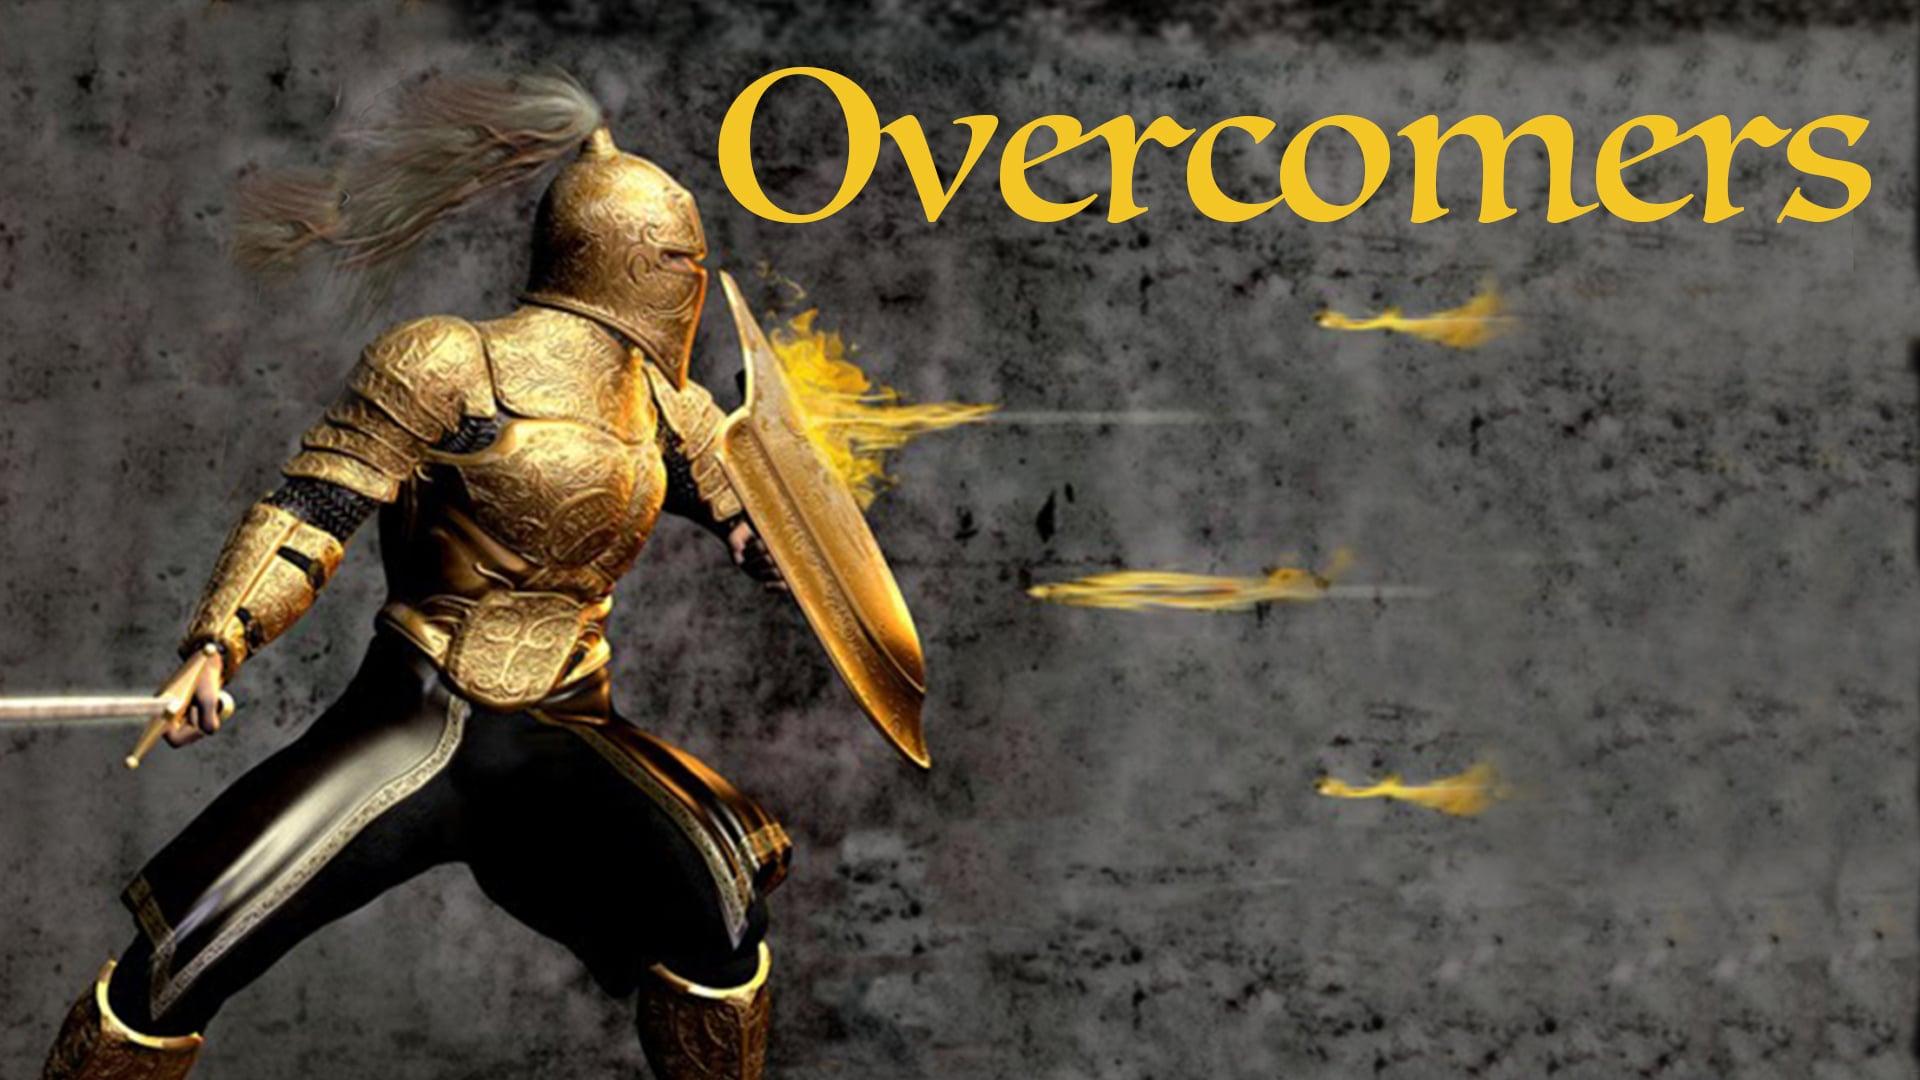 Overcomers - Part 2